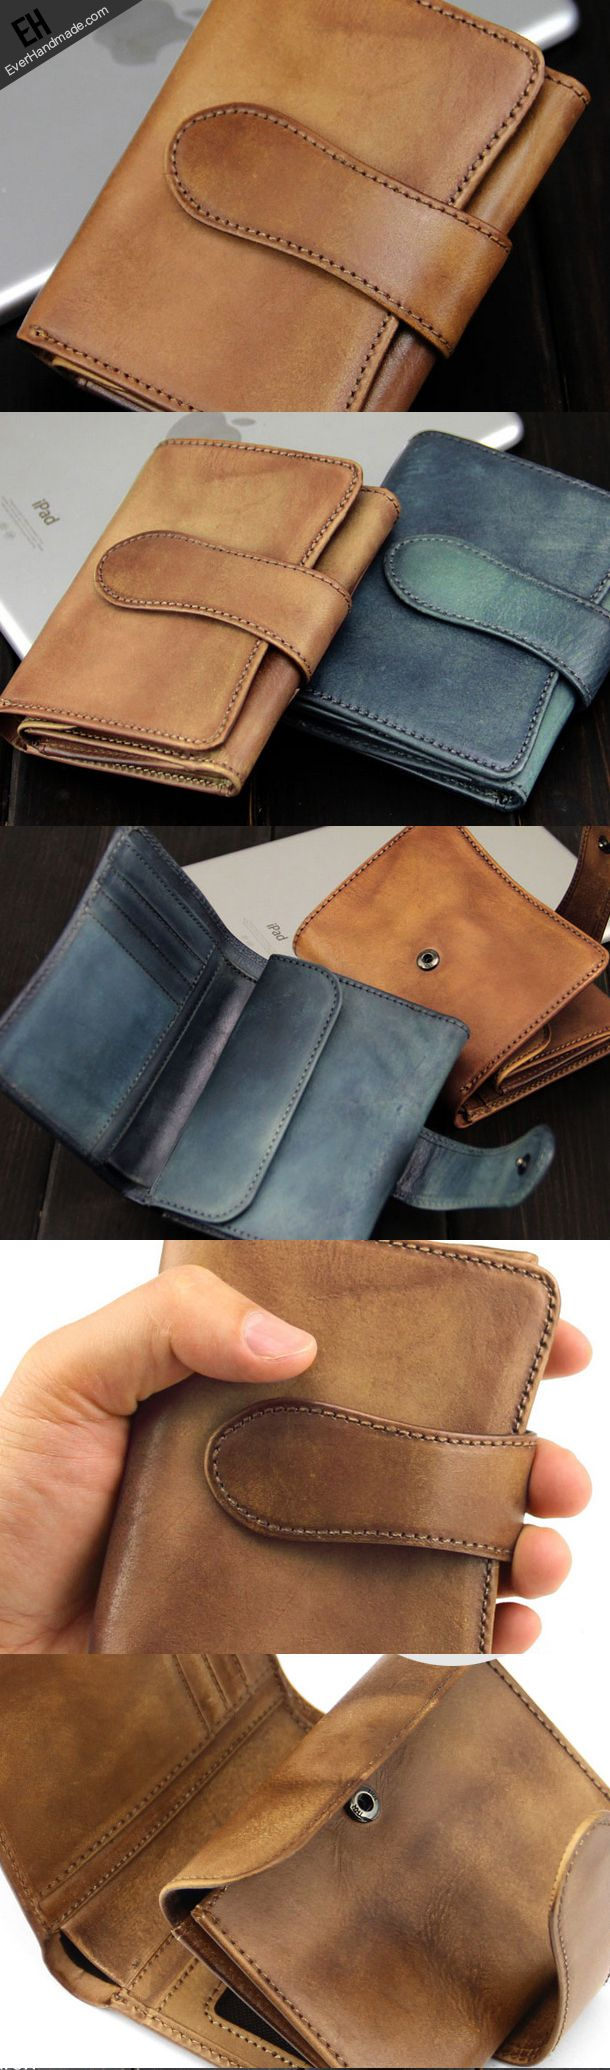 Handmade men short leather wallet men vintage green brown short wallet for him-SR